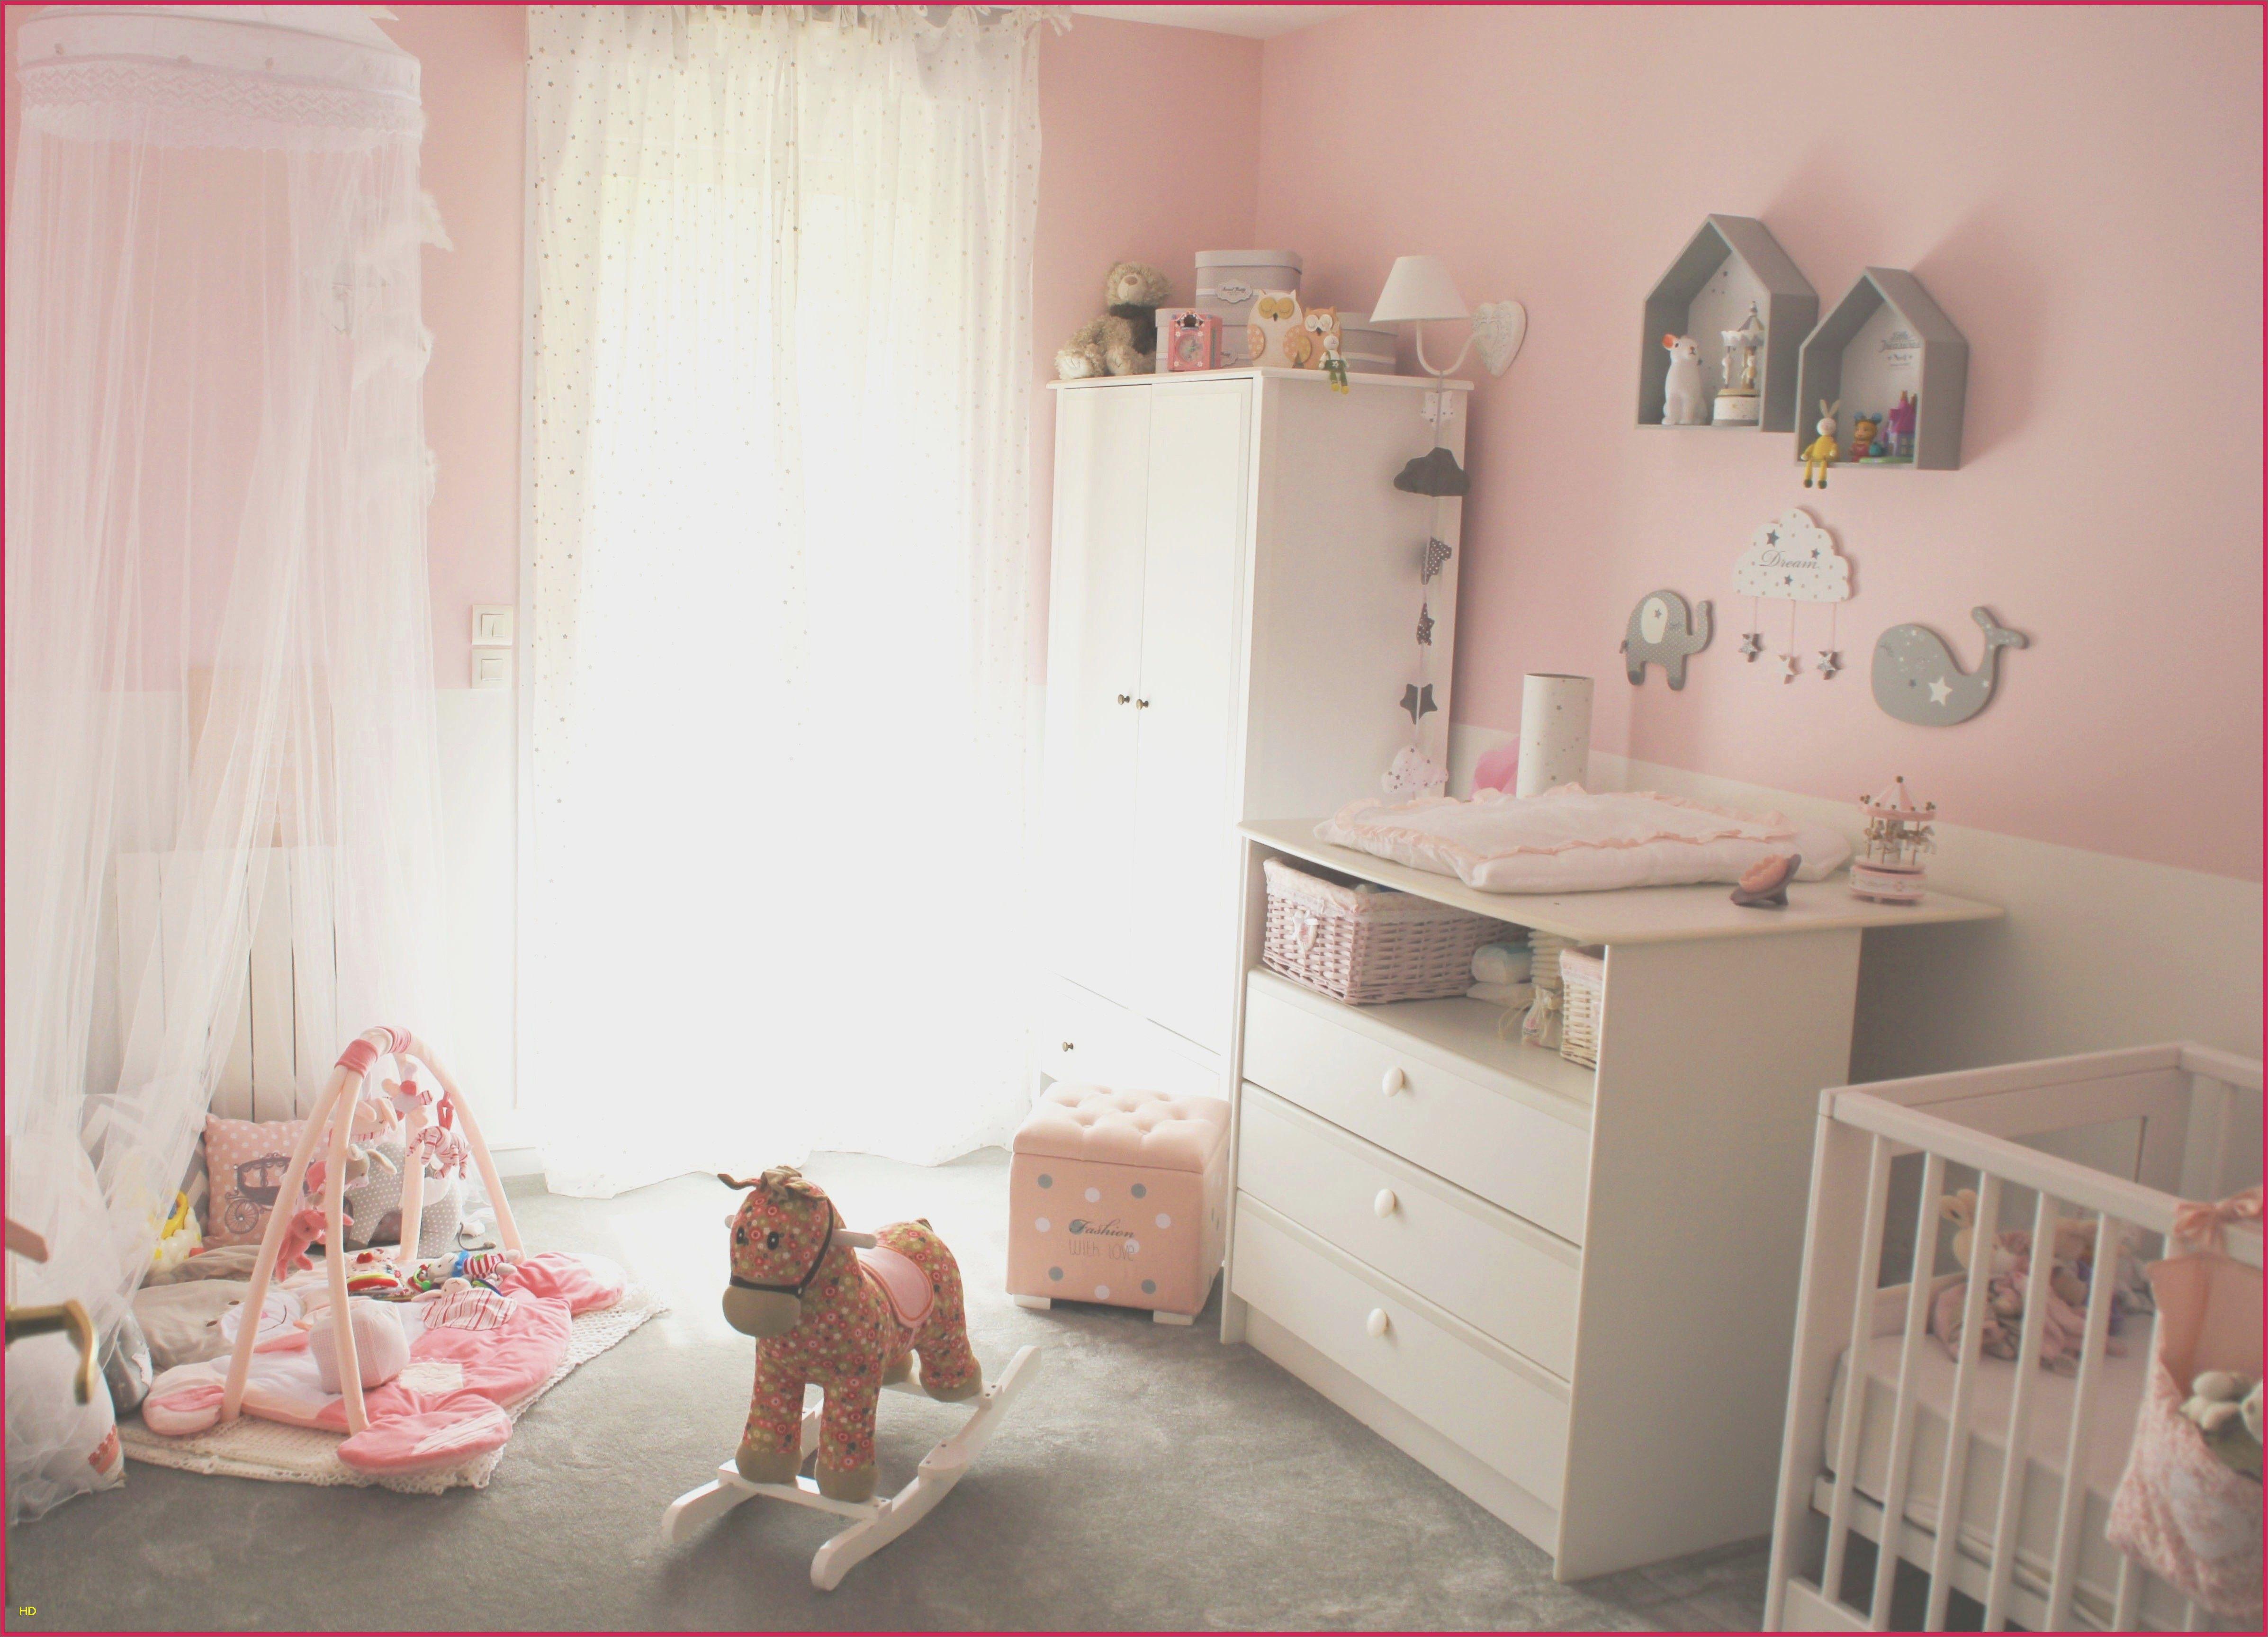 Lit Bébé Pas Cher Le Luxe Baignoire Bébé Pliable Elegant Lit Bébé Pliant Frais Chaise Haute